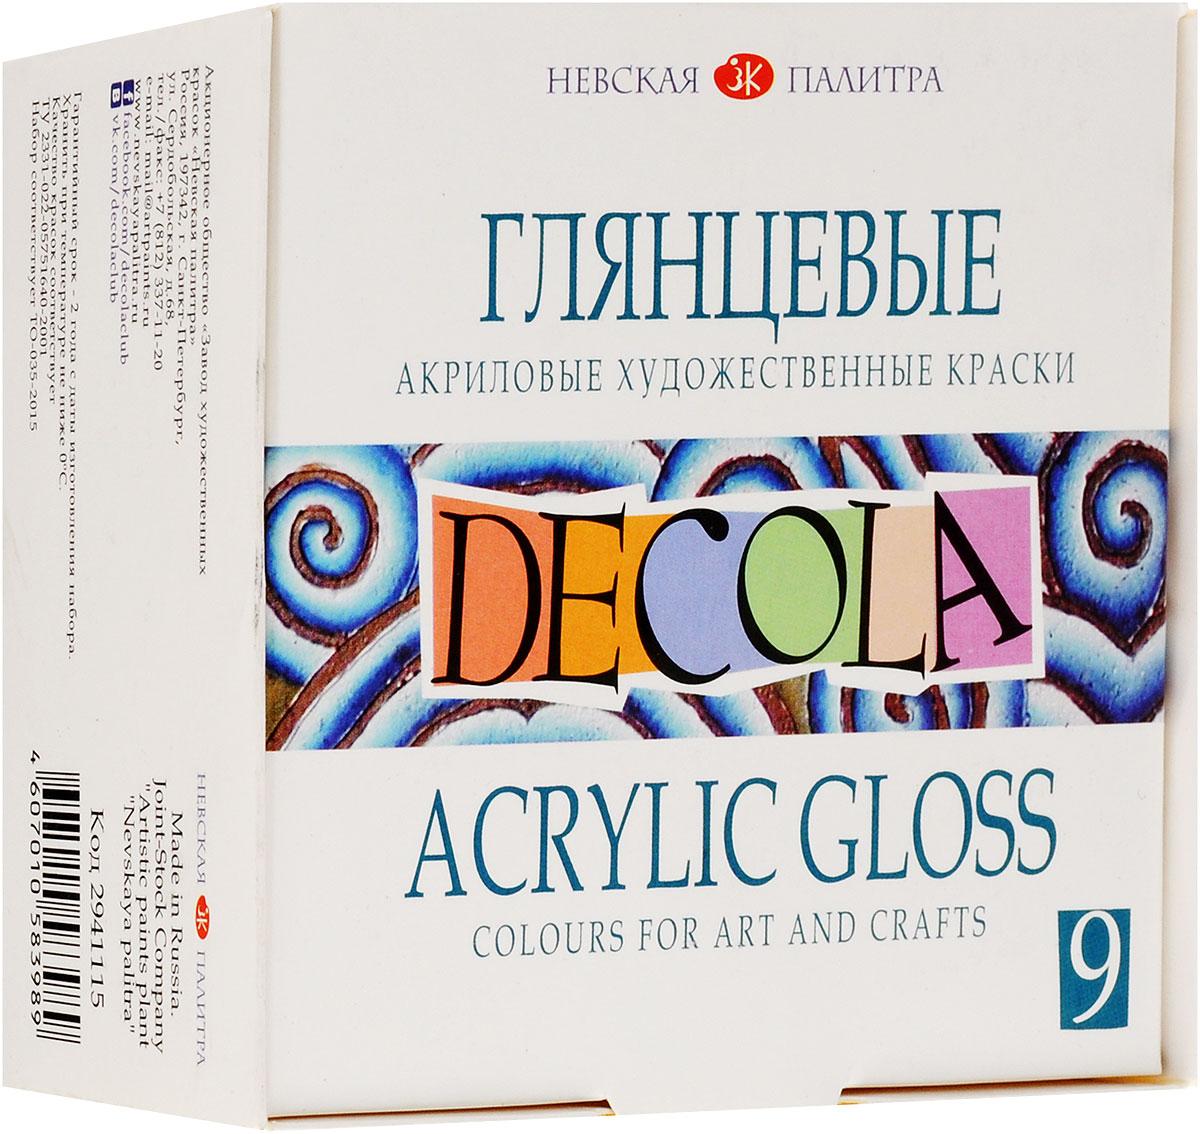 Decola Глянцевые акриловые художественные краски 9 цветов